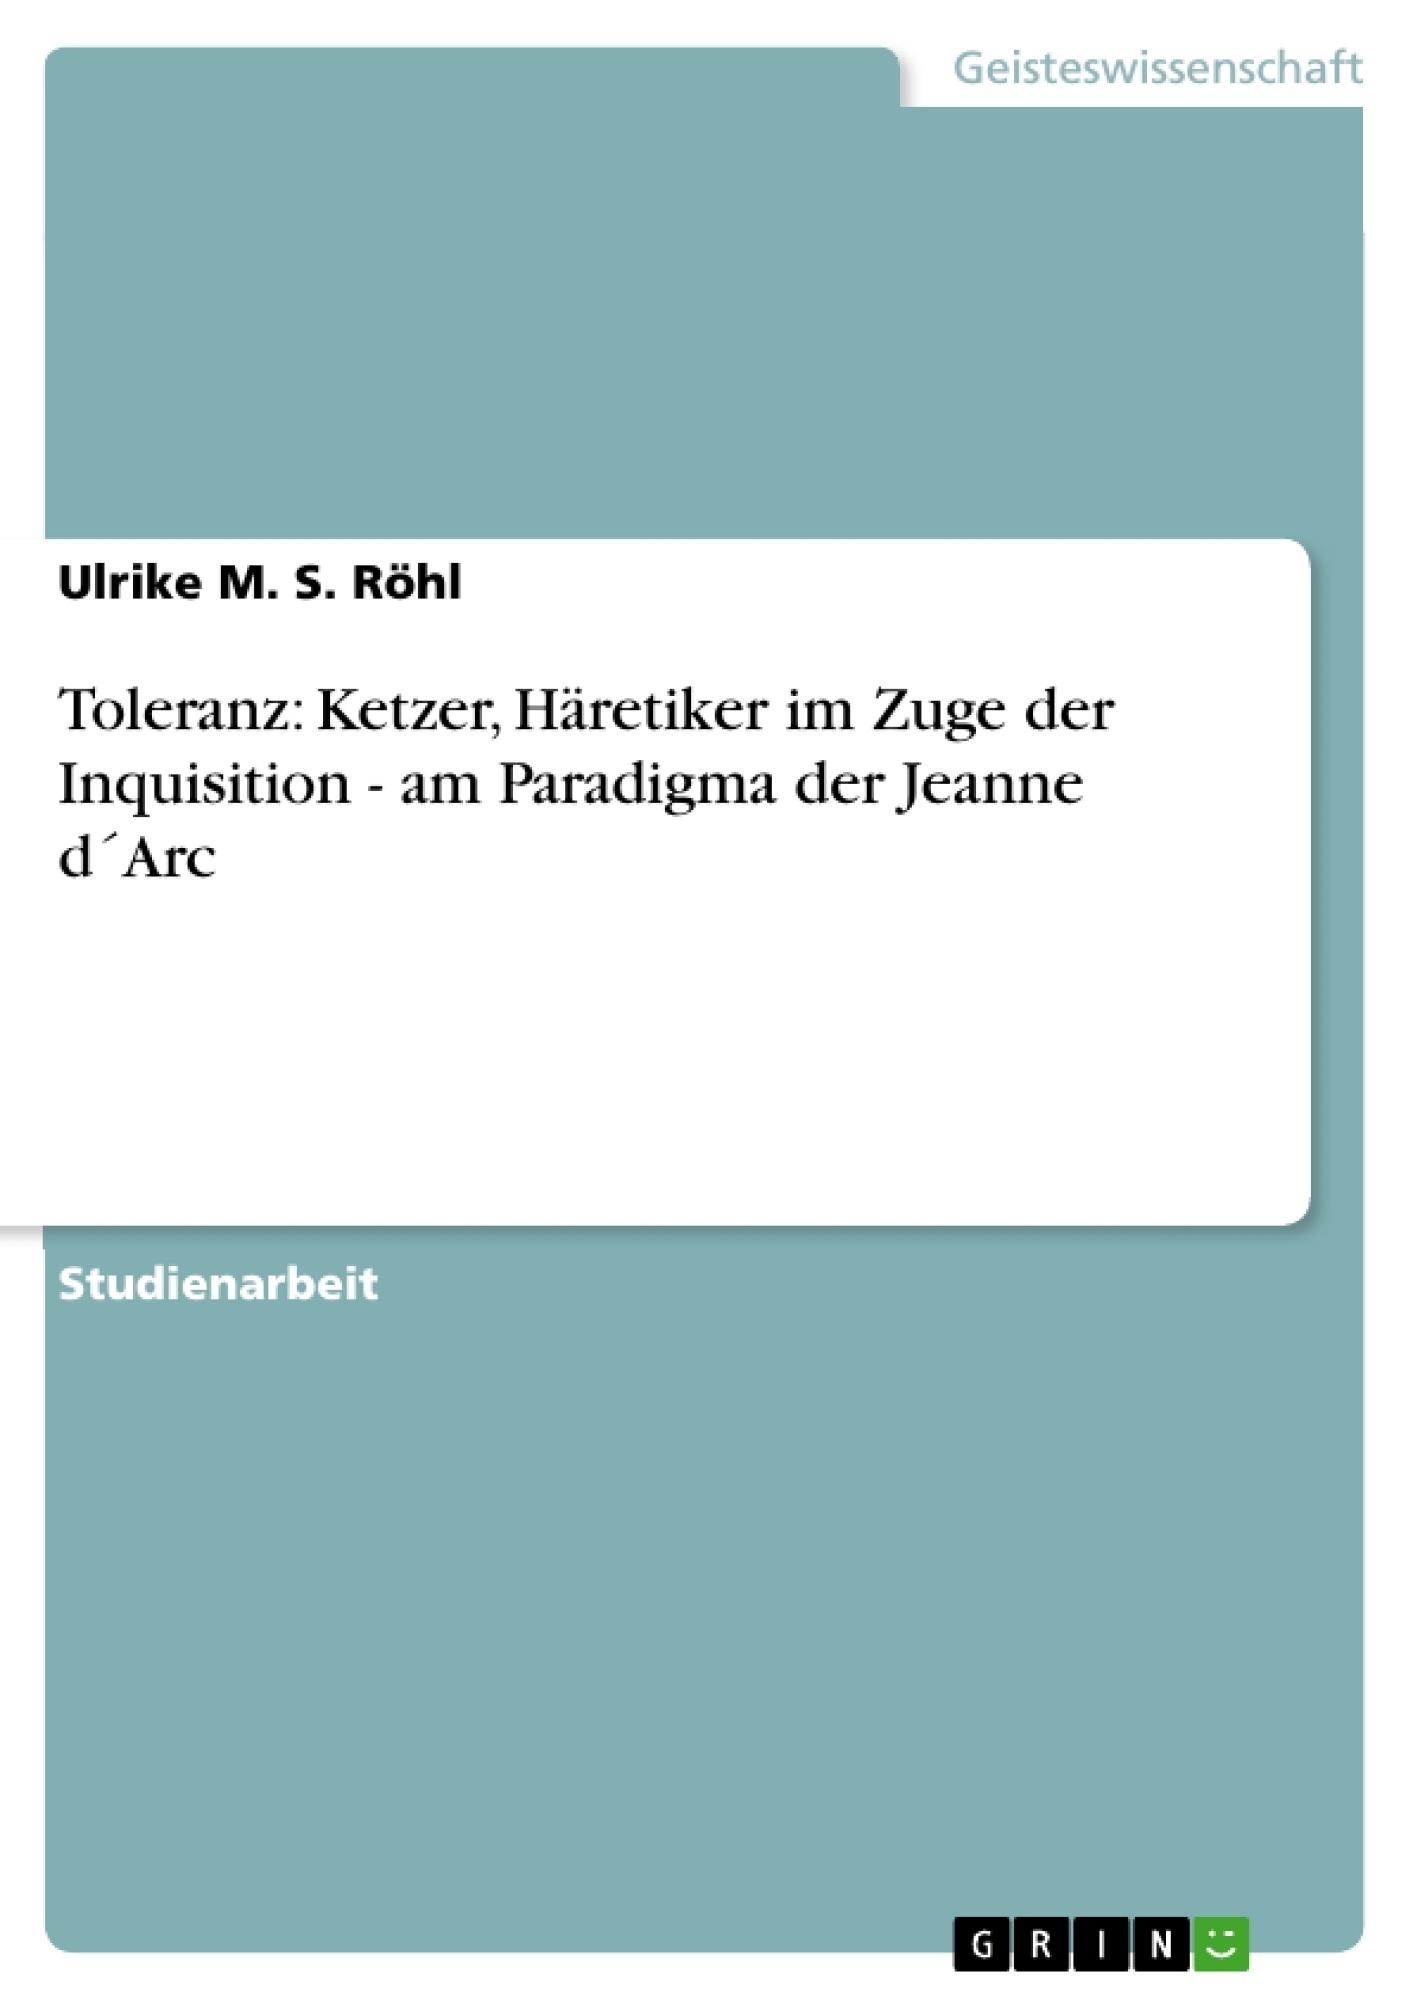 Titel: Toleranz: Ketzer, Häretiker im Zuge der Inquisition - am Paradigma der Jeanne d´Arc